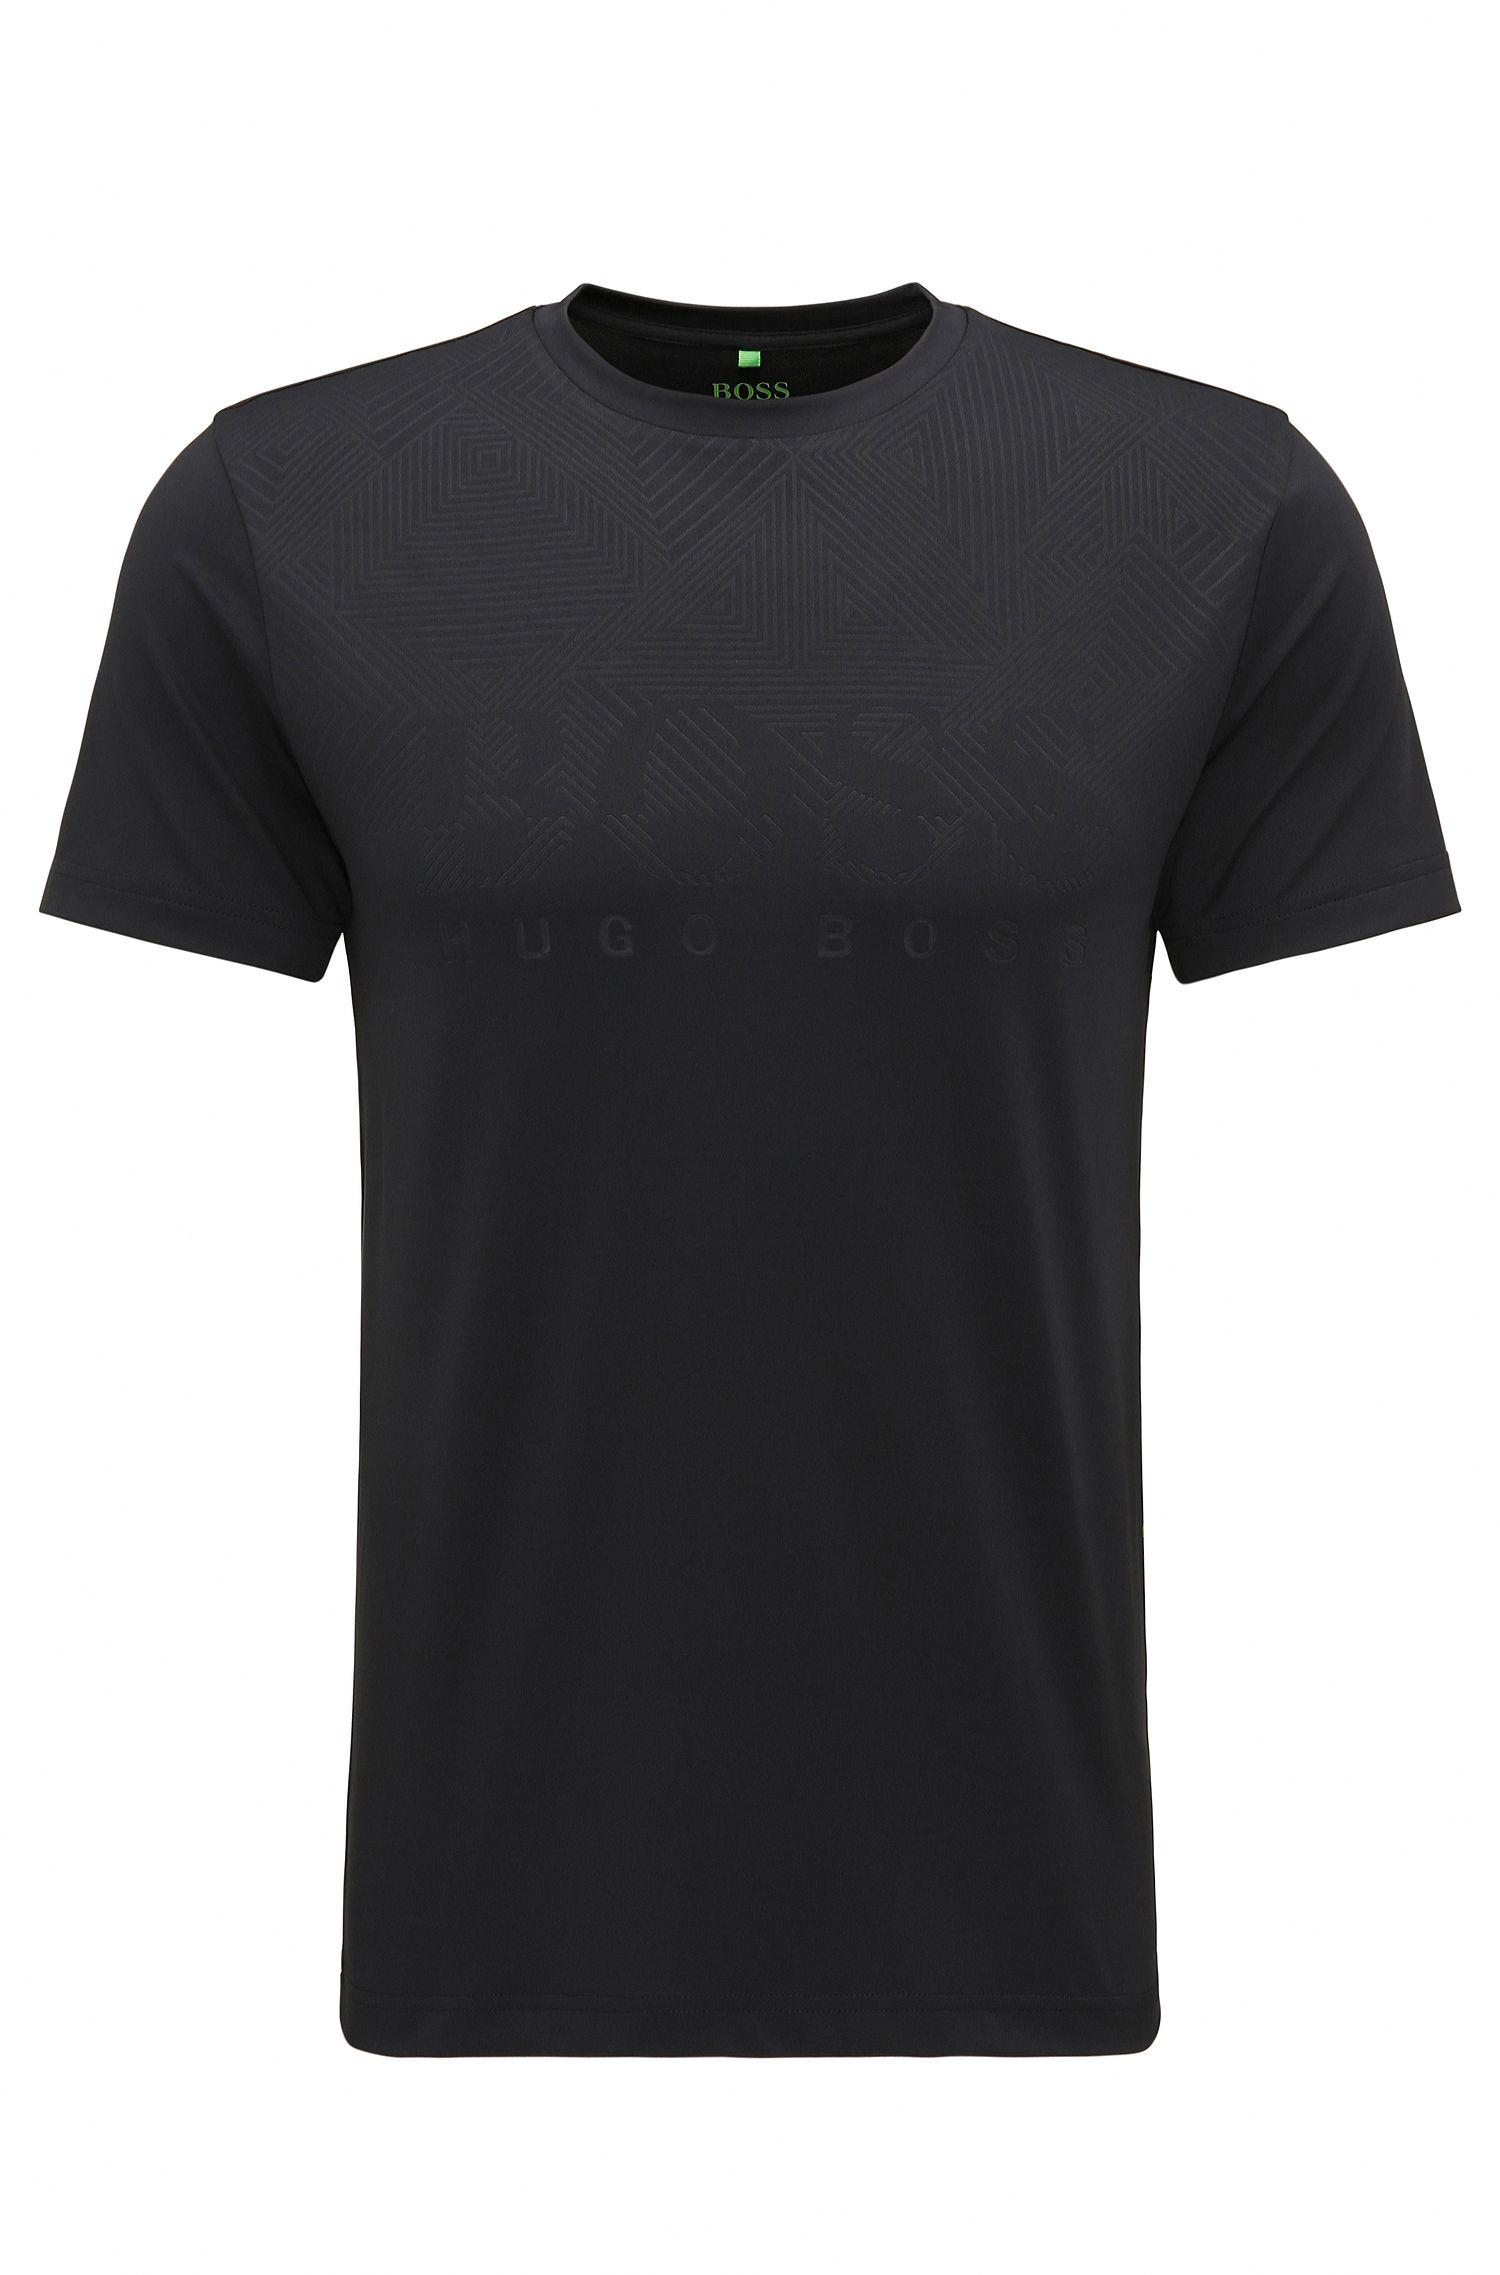 T-shirt slim fit in tessuto tecnico elasticizzato